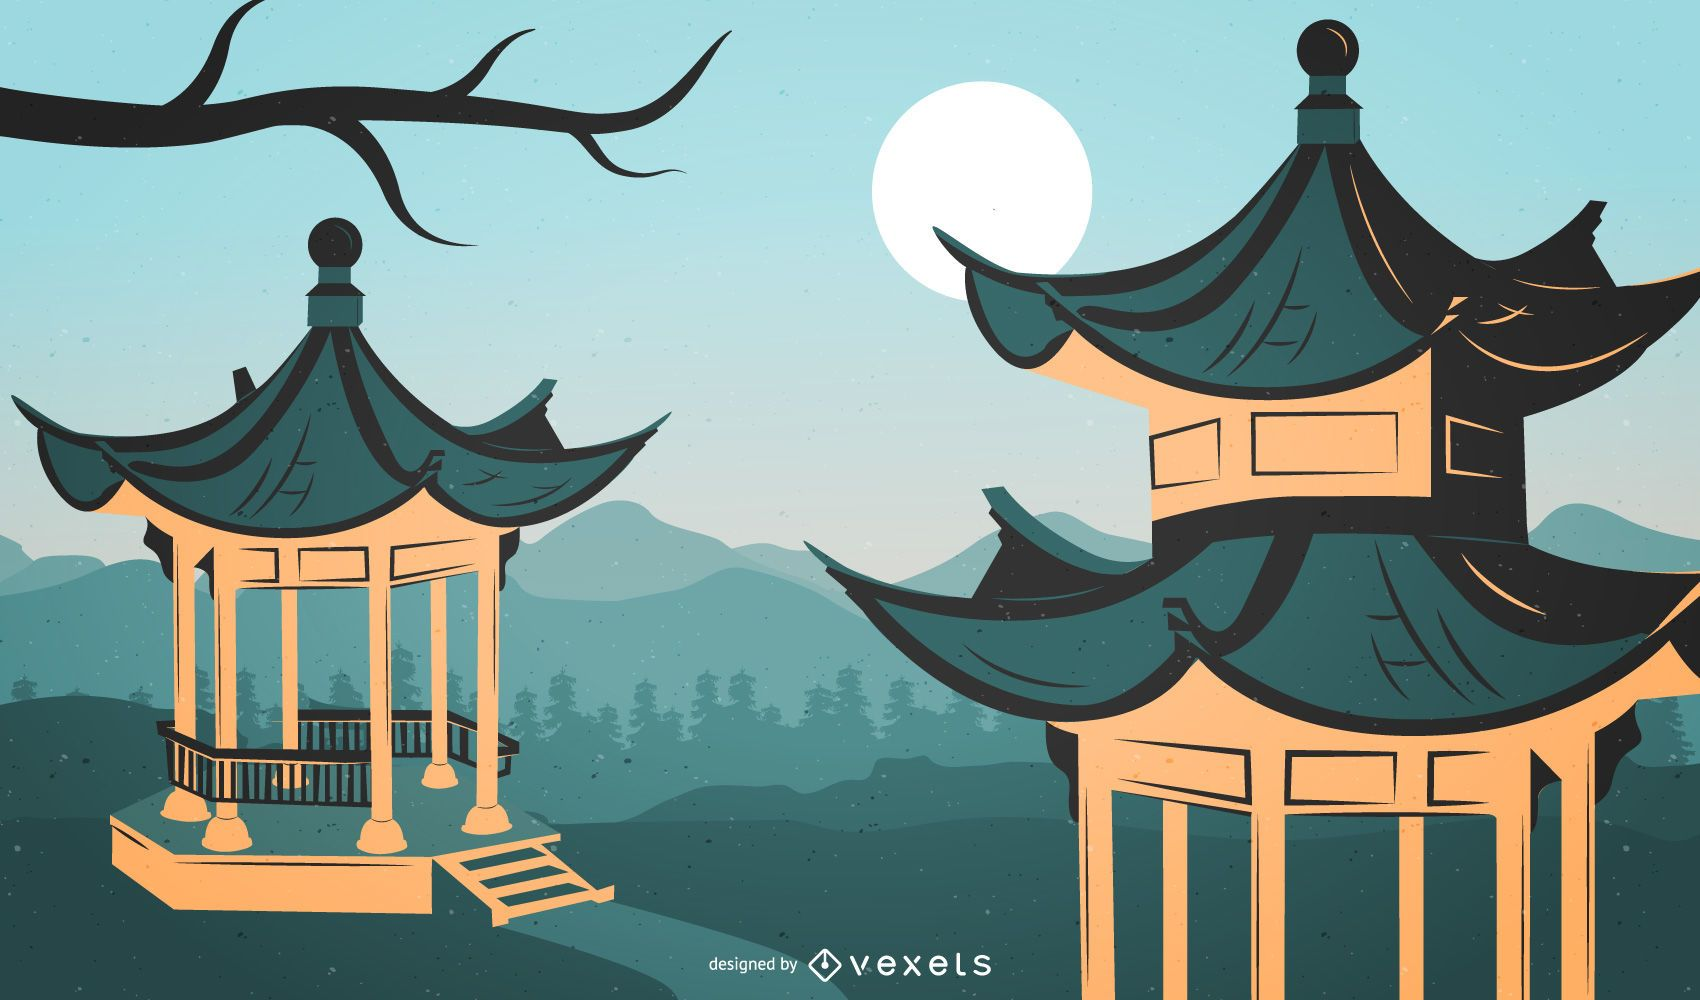 Ilustraci?n de la arquitectura tradicional china